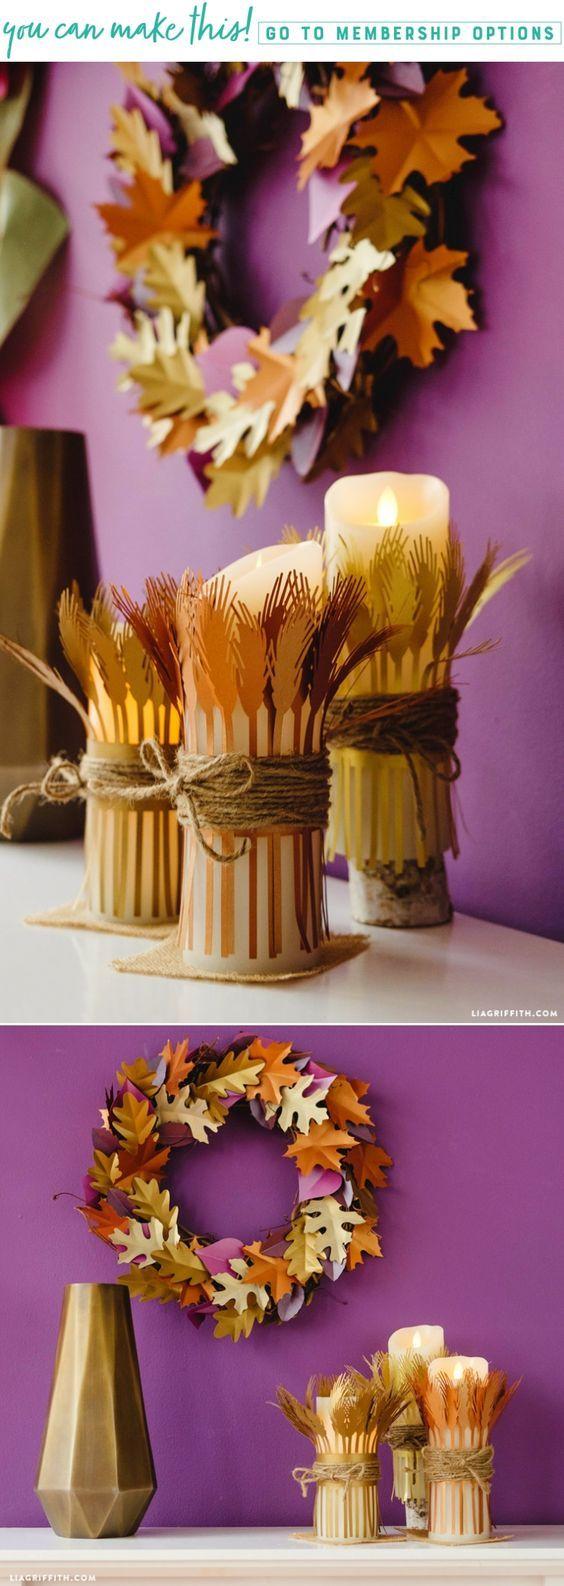 DIY Print then Cut Wheat Candle Wraps  www.LiaGriffith.com #Thanksgiving #CricutMade #SVGCutFiles #DIYFallIdeas #FallDIYIdeas